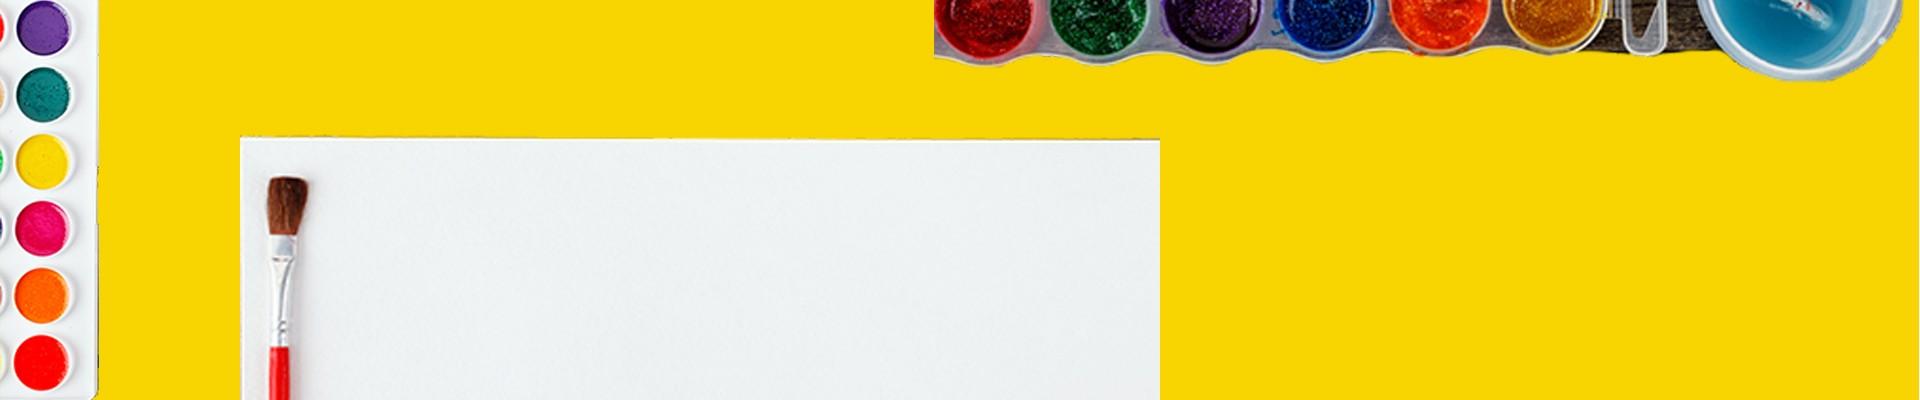 Jual Buku Gambar & Sketsa Aneka Ukuran - Harga Murah & Berkualitas